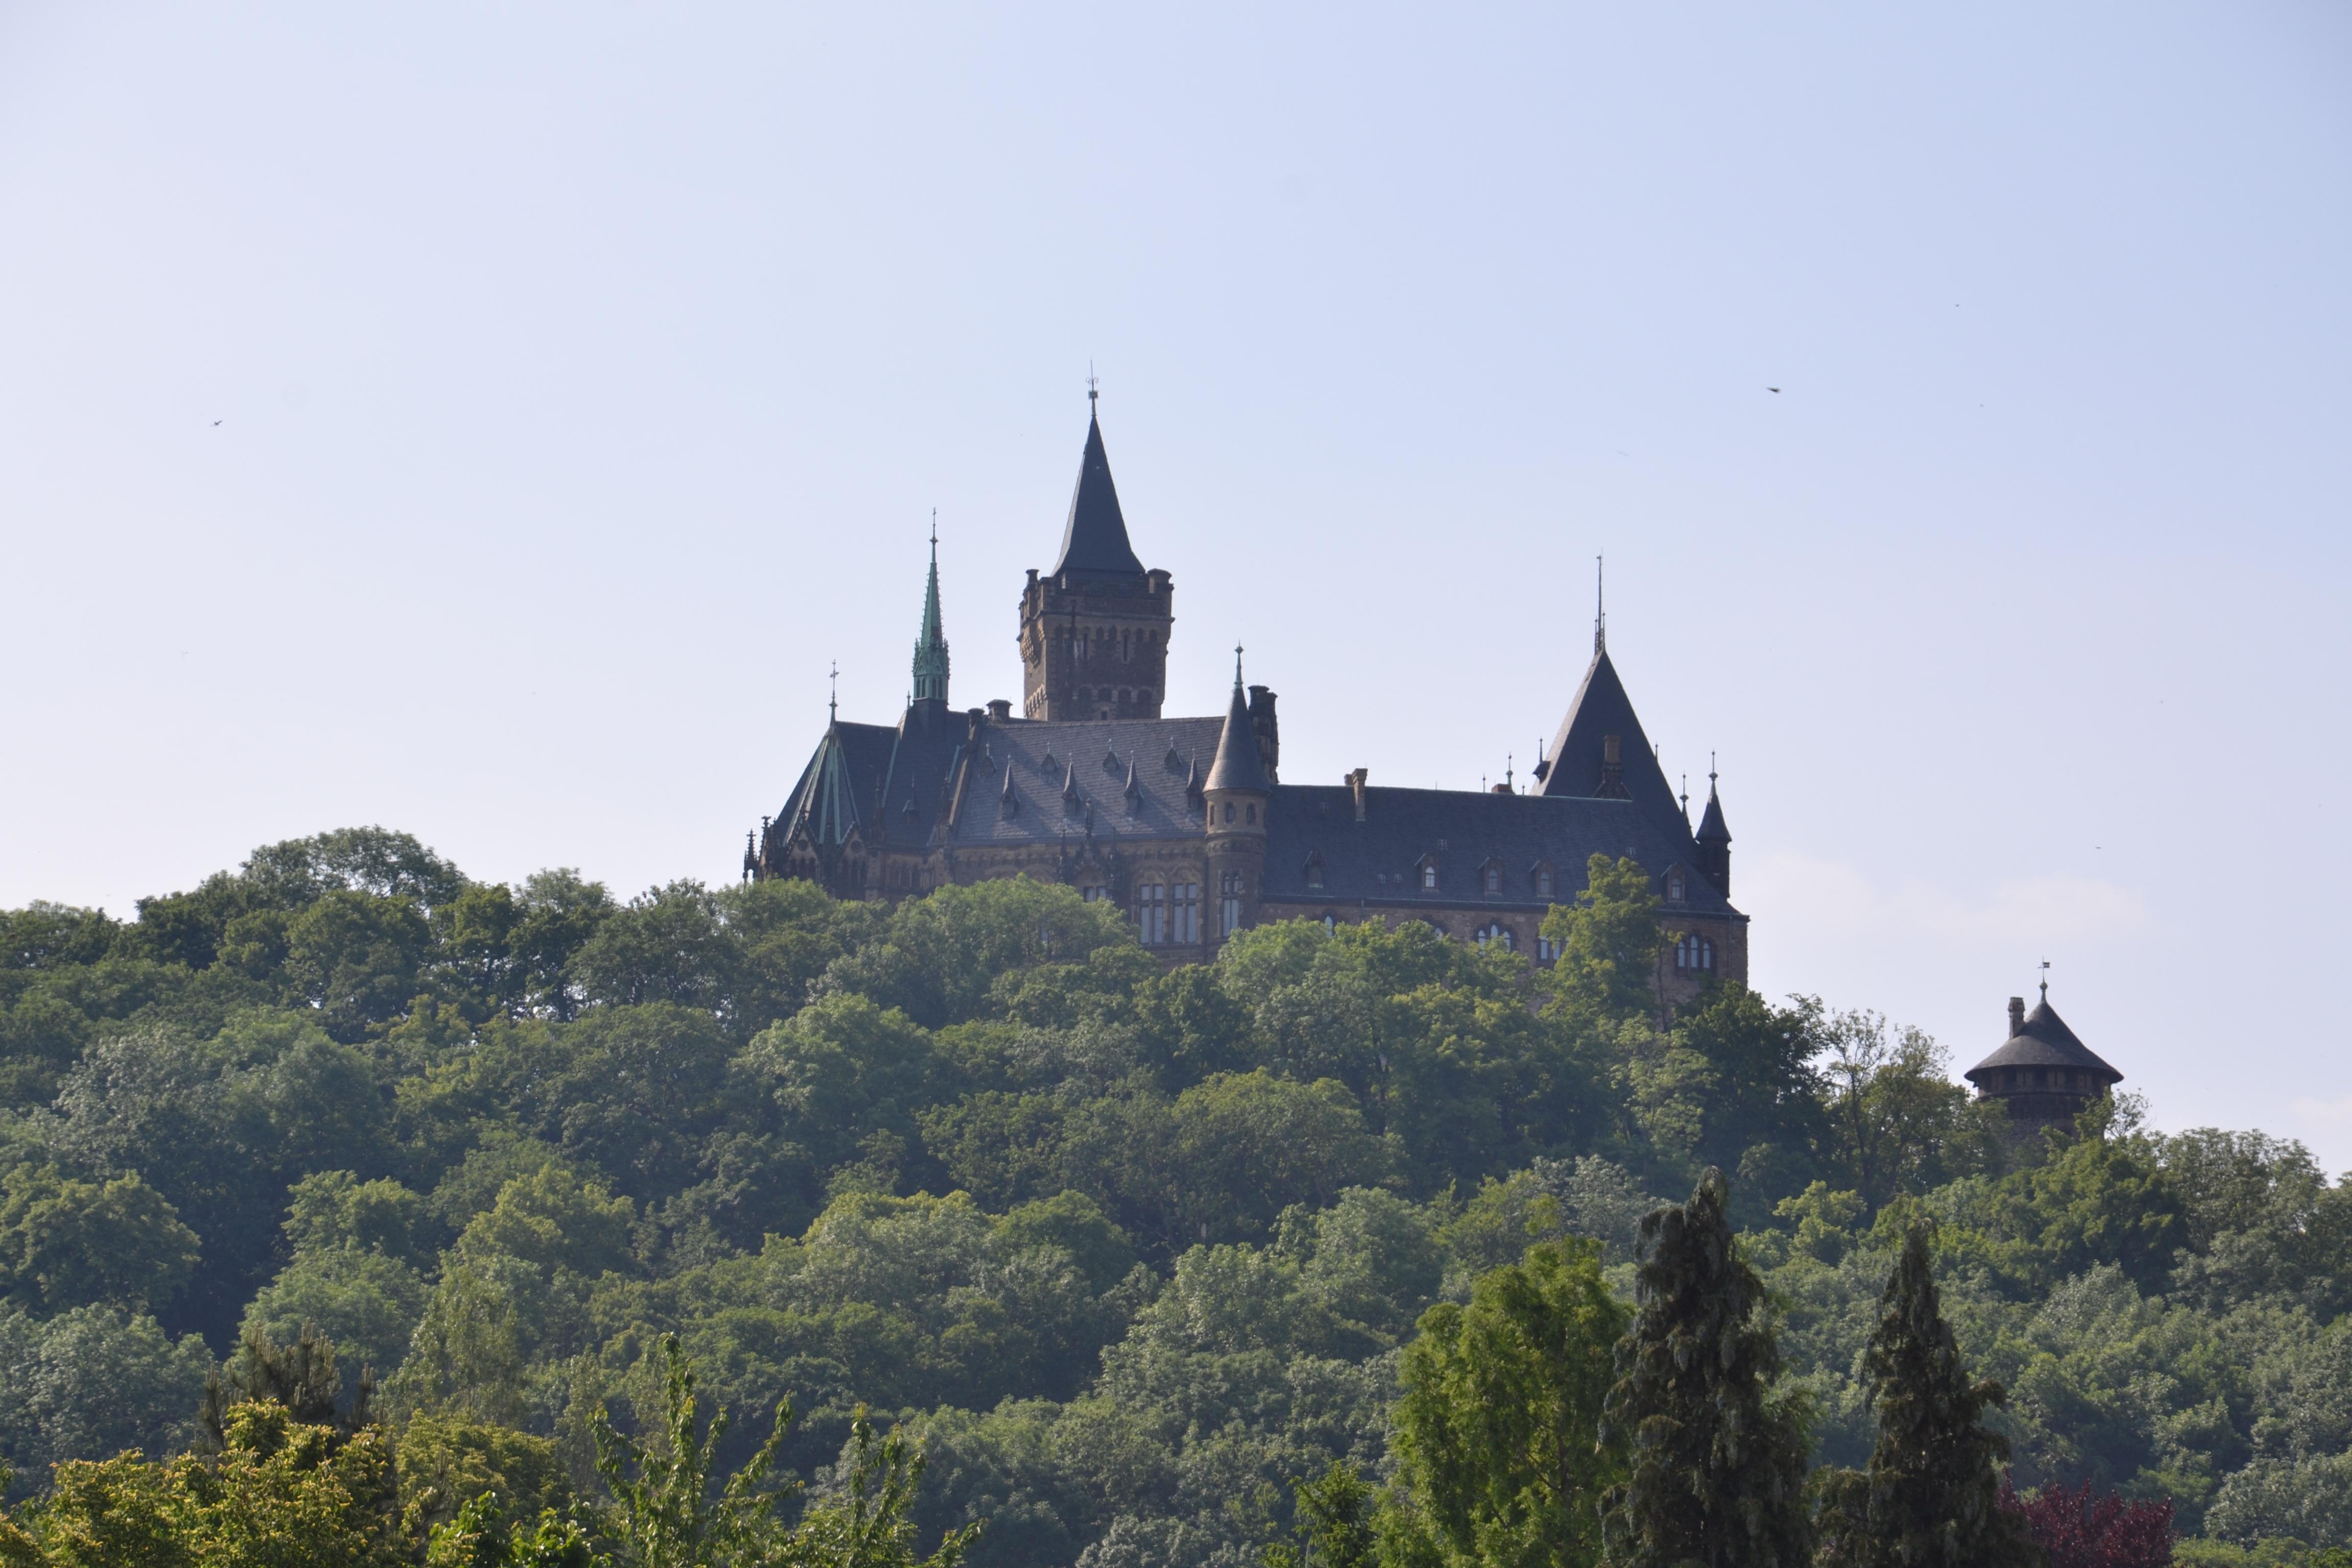 The Schloss (Castle) overlooking Wernigerode